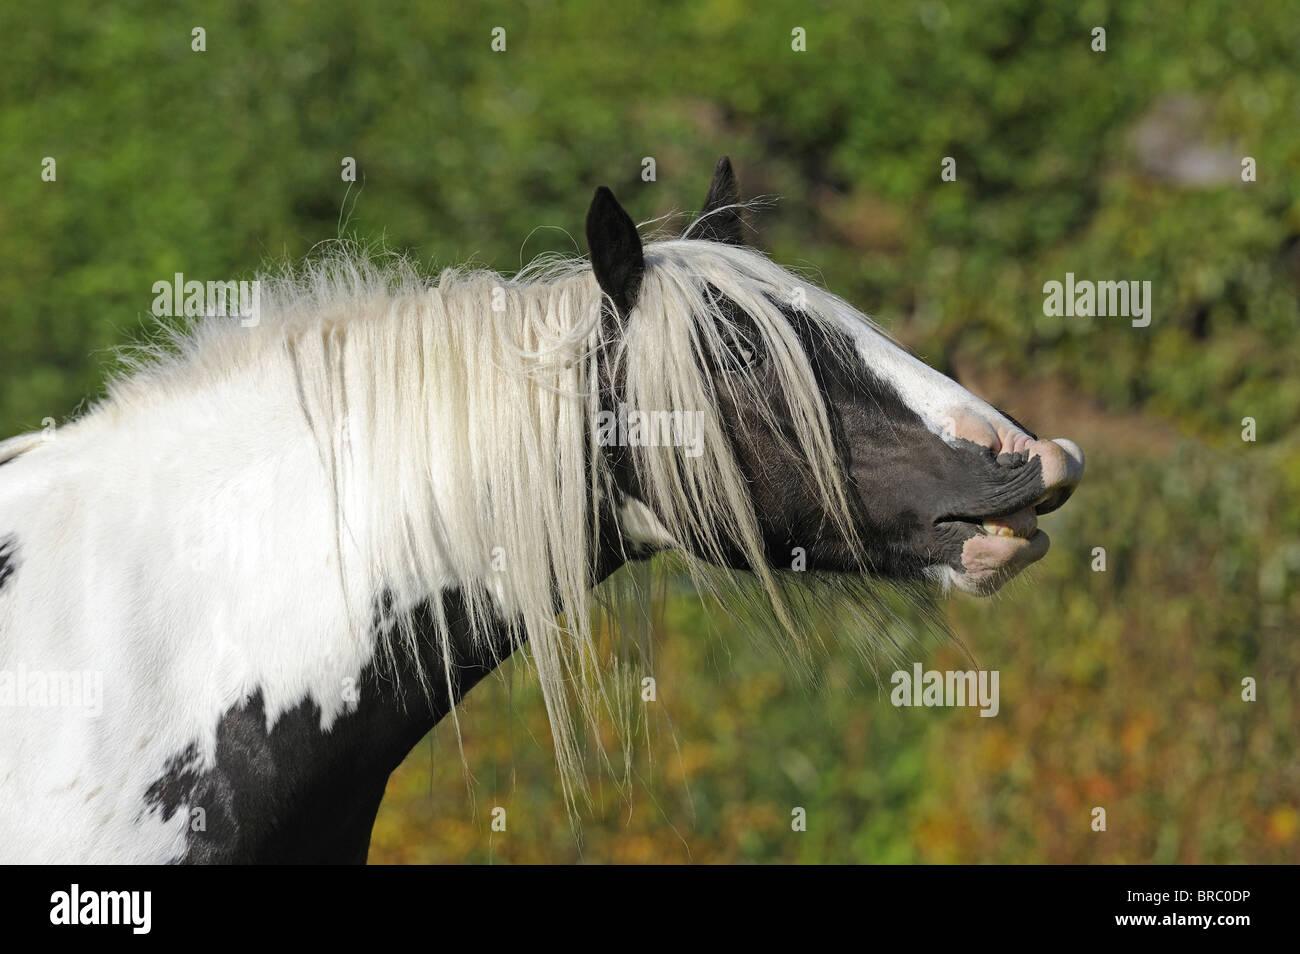 Gypsy Vanner caballo (Equus ferus caballus), Mare haciendo el flehmen. Imagen De Stock